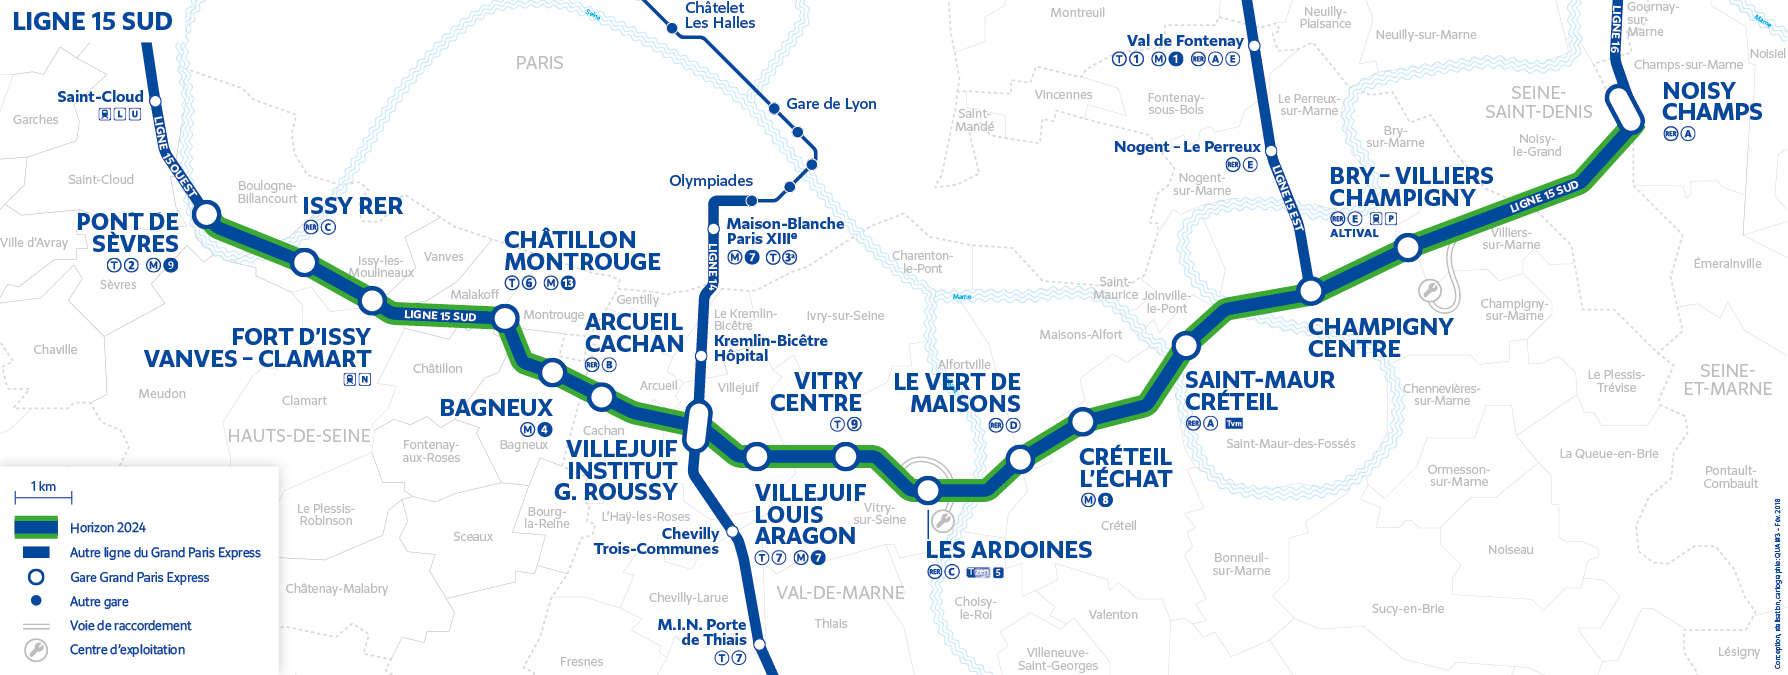 Transports en commun - Grand Paris Express - Page 3 Carte_12